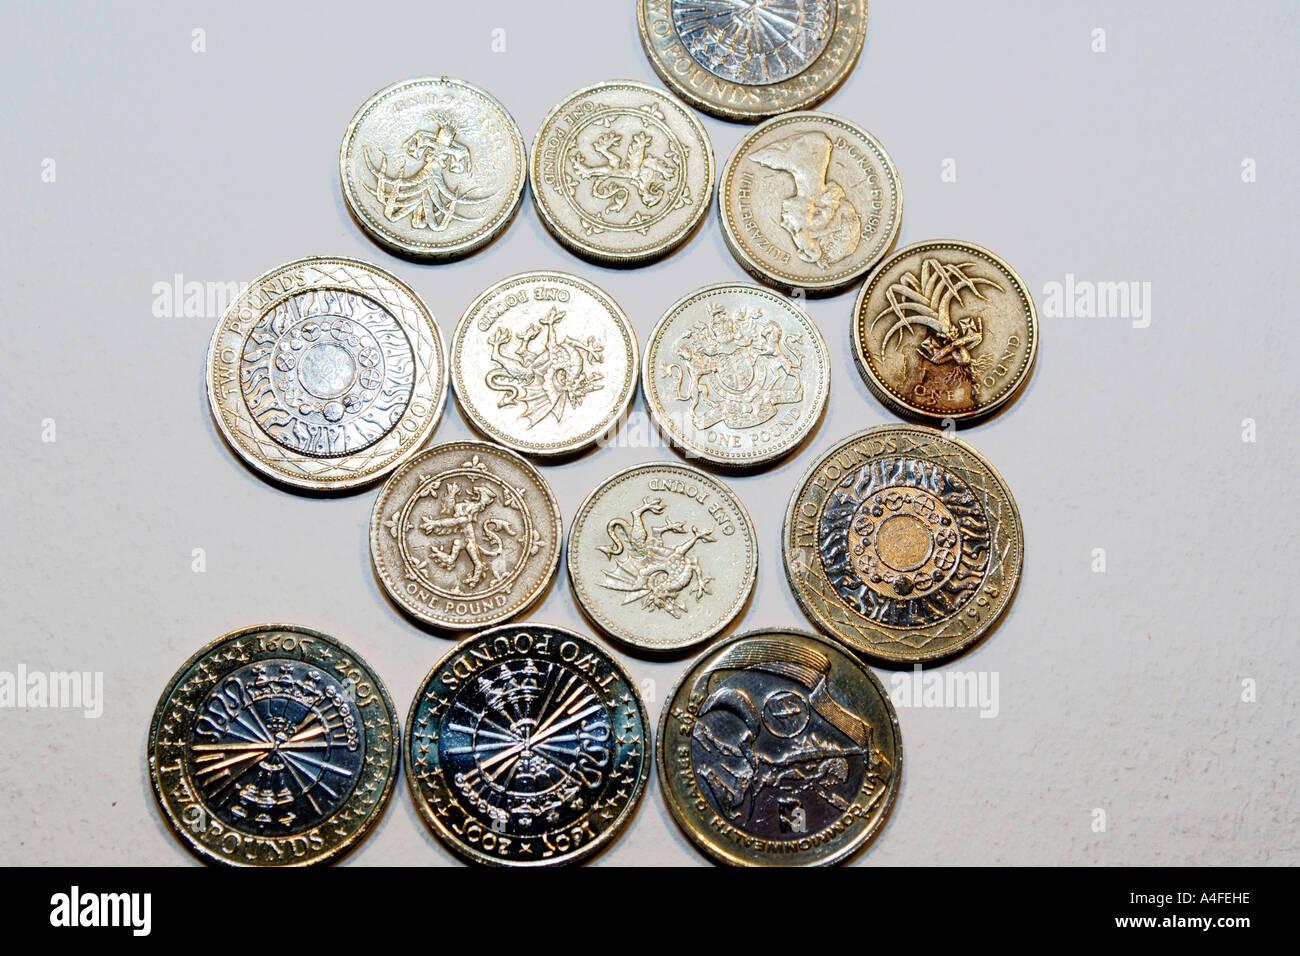 Englische Pfund Münzen Stockfoto Bild 6305181 Alamy